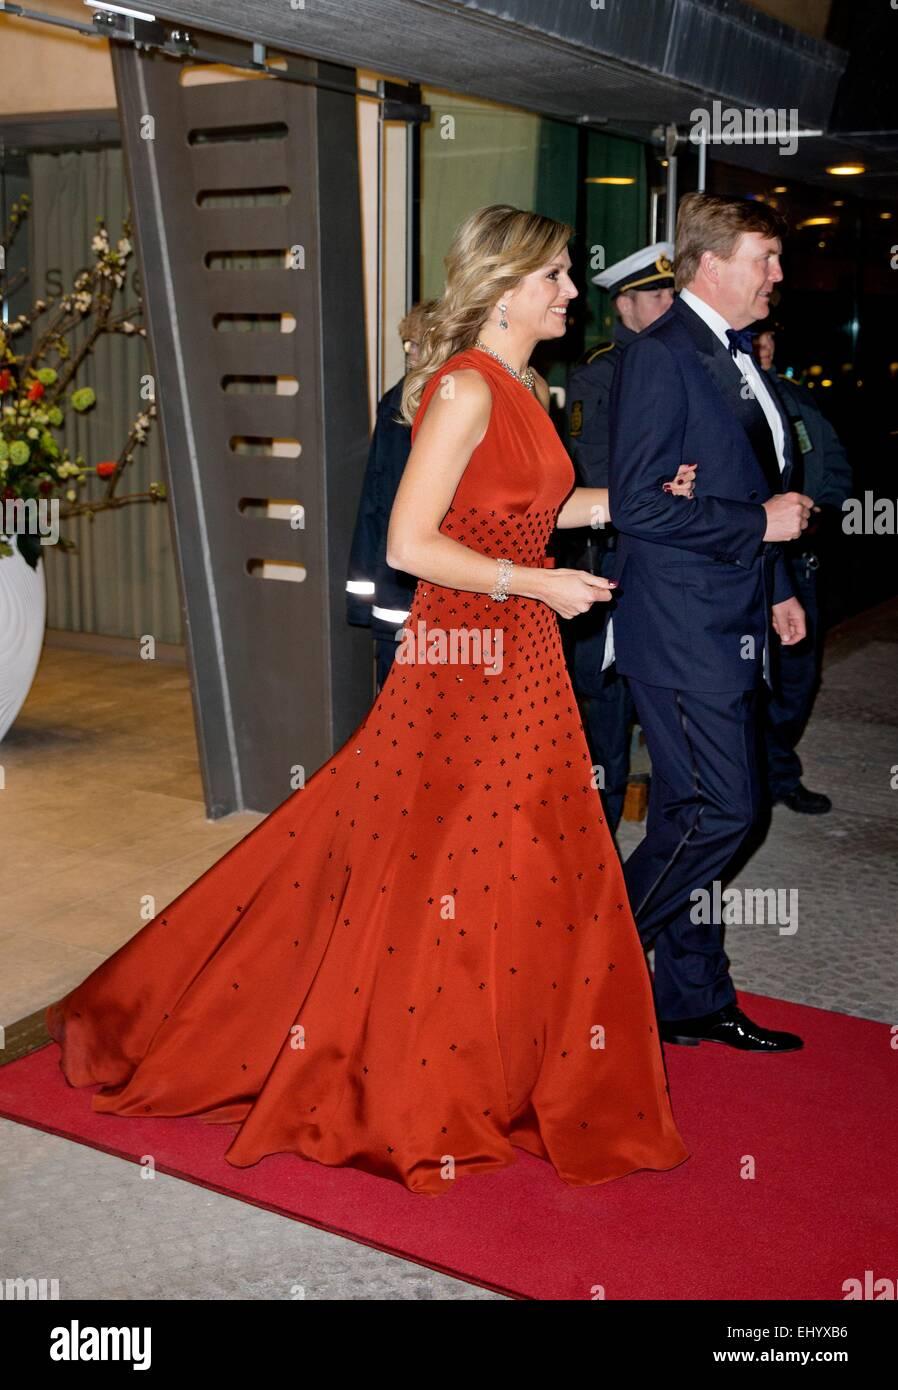 Copenhagen, Denmark. 18th Mar, 2015. King Willem-Alexander and Queen Maxima offer an cultural evening with modern Stock Photo